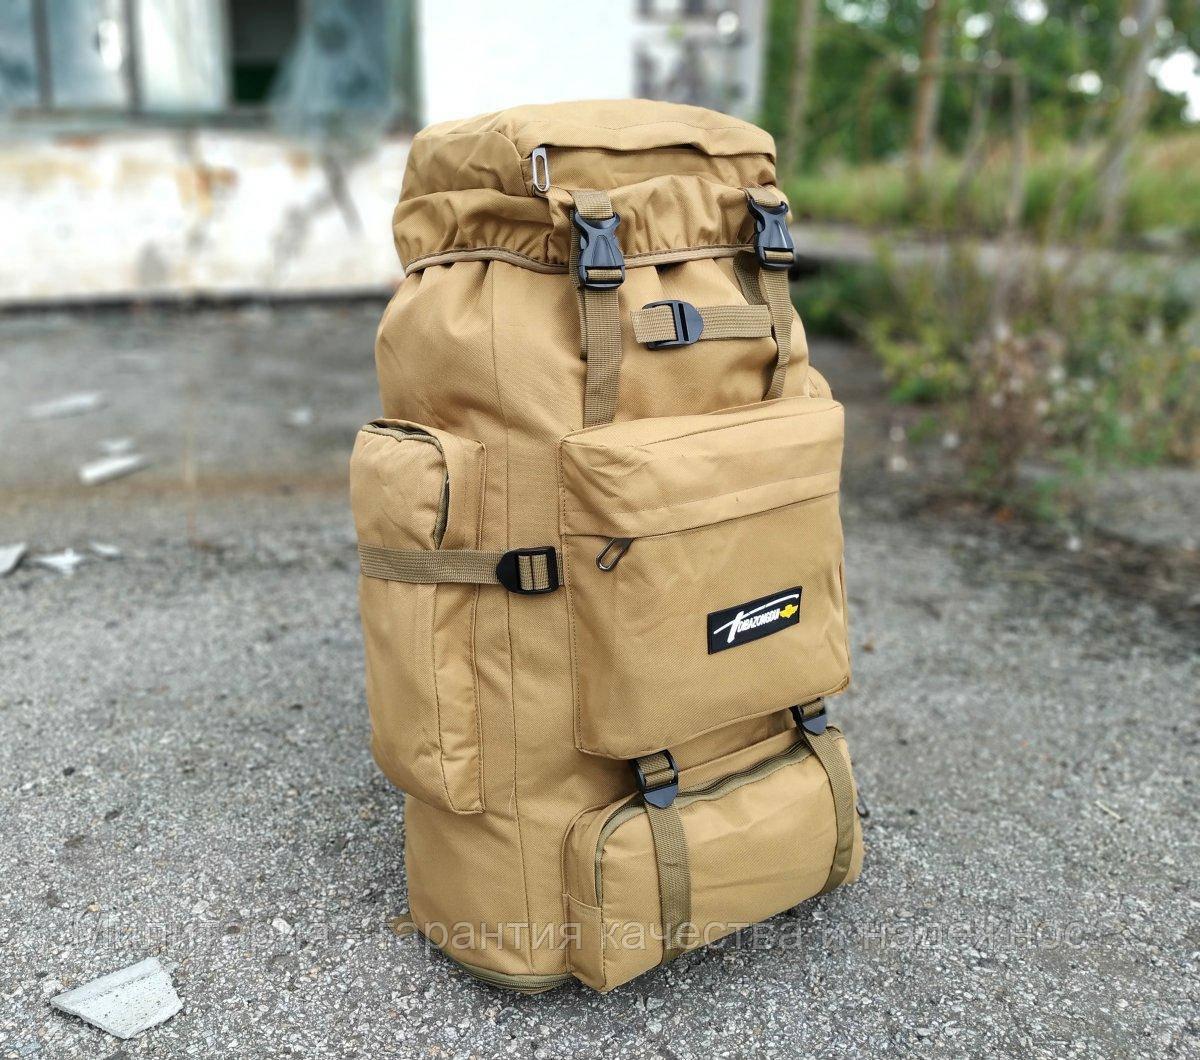 Тактичний (туристичний) рюкзак на 80 л збільшується дно Coyote (ta70-new-1005-coyote)